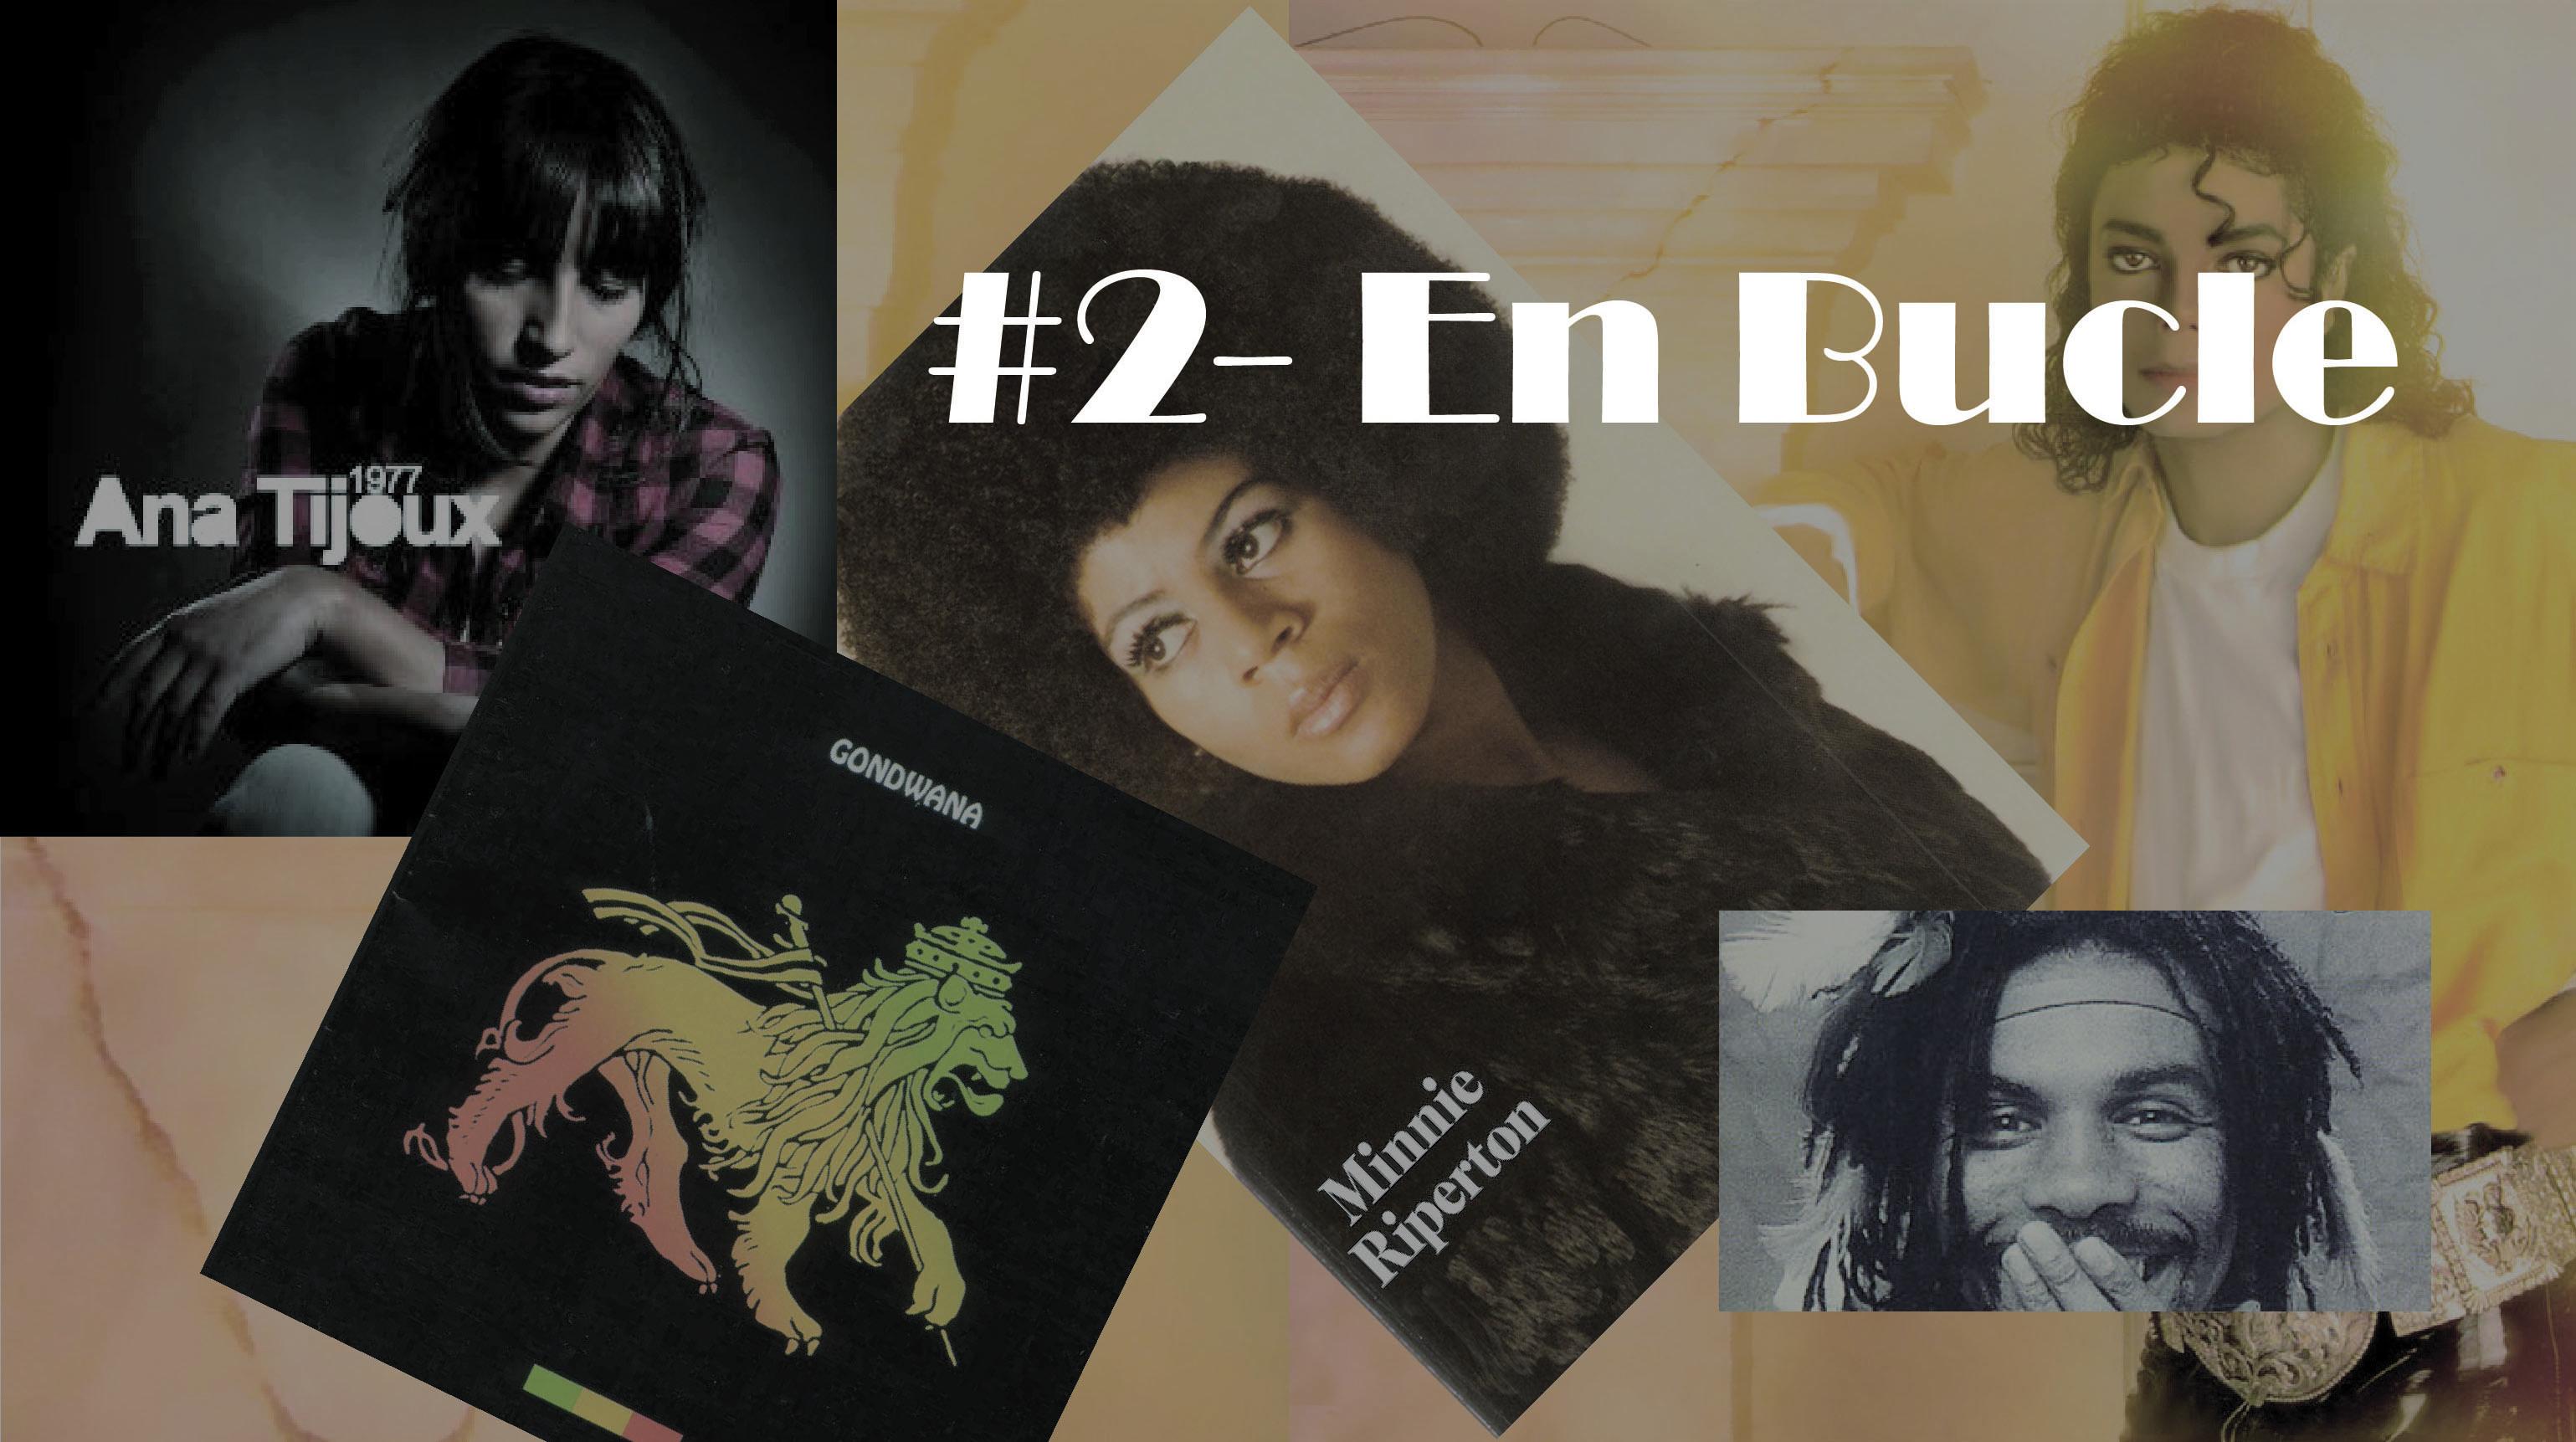 Playlist #2 – En Bucle